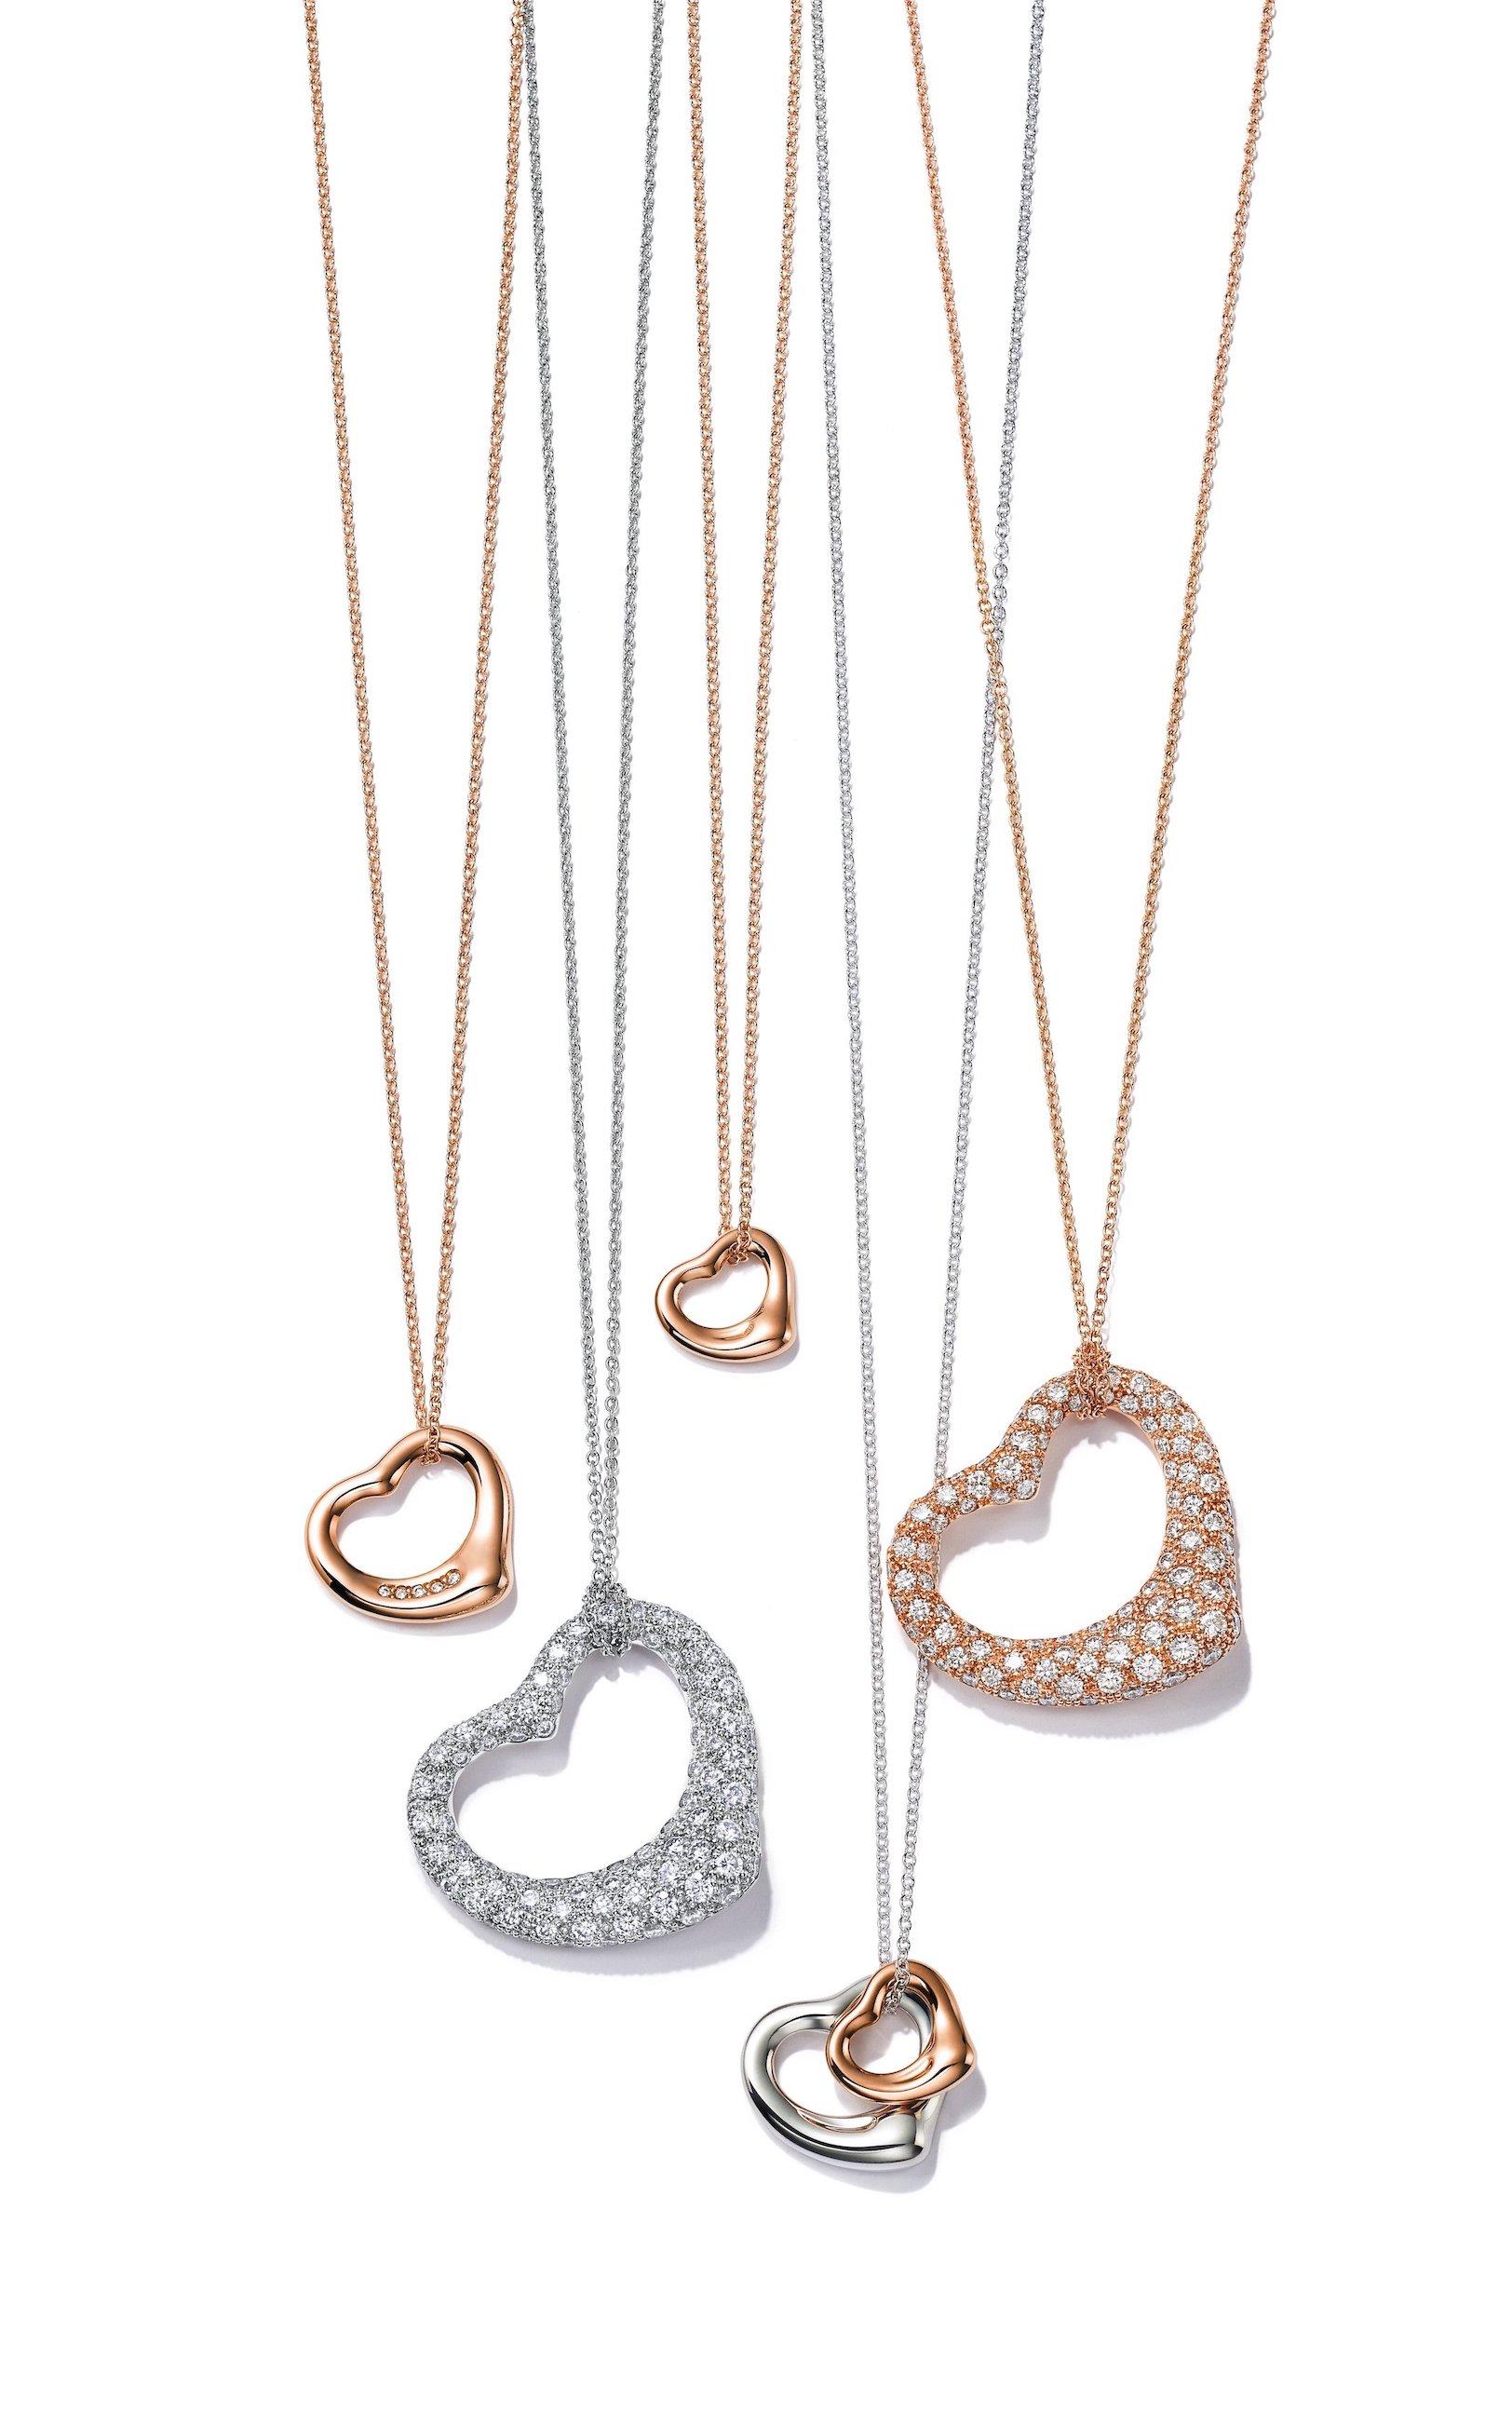 Tiffany & Co. Elsa Peretti® Open Heart necklaces